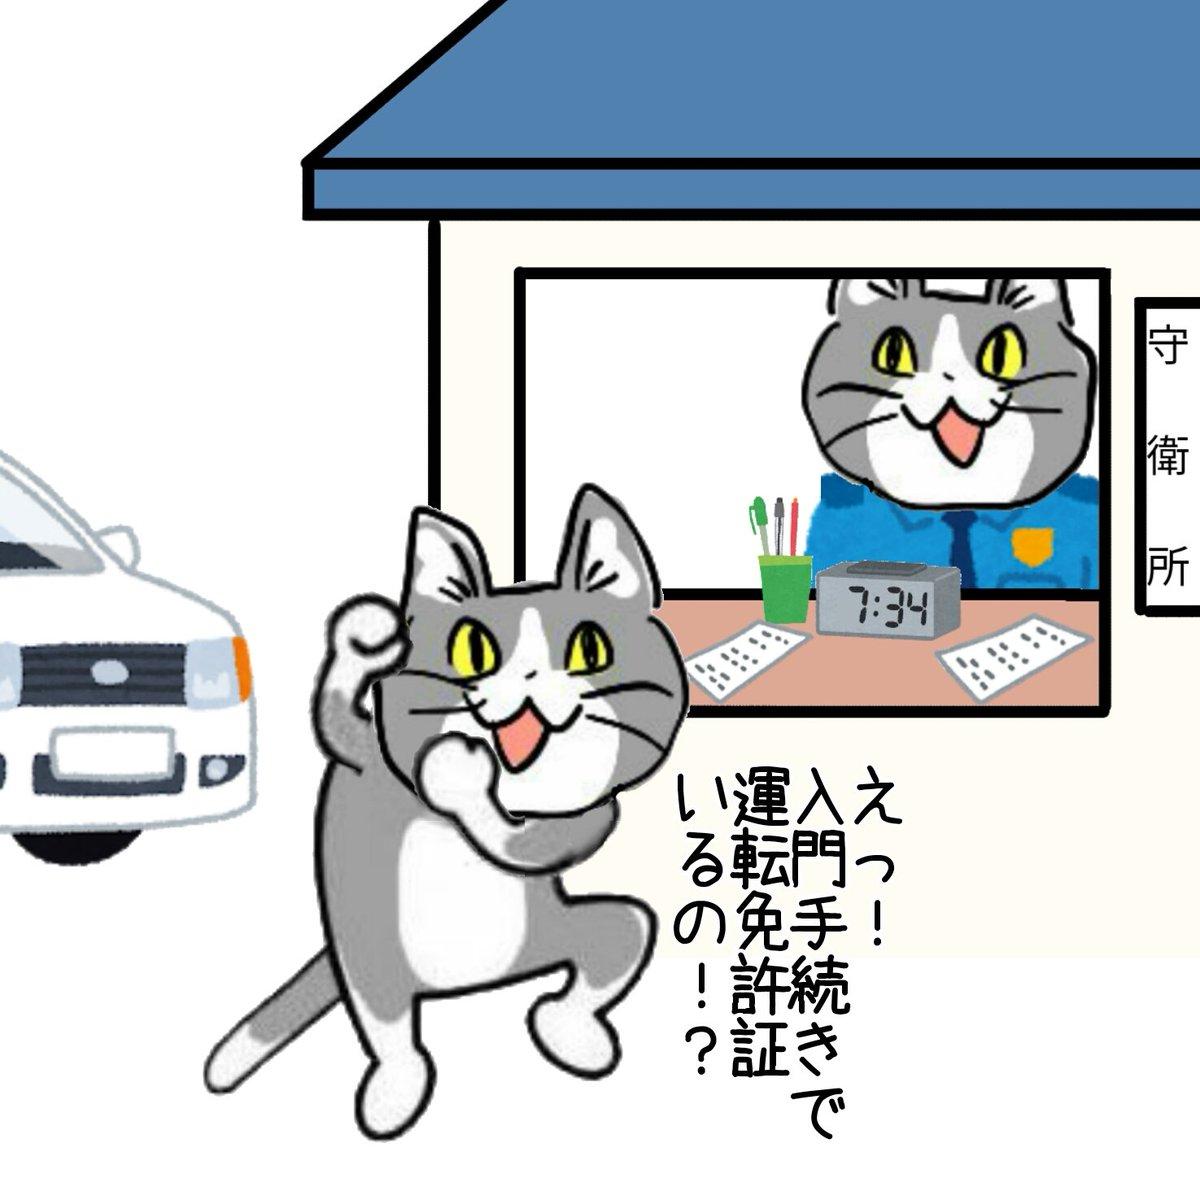 入門手続きの3コマ漫画 #現場猫